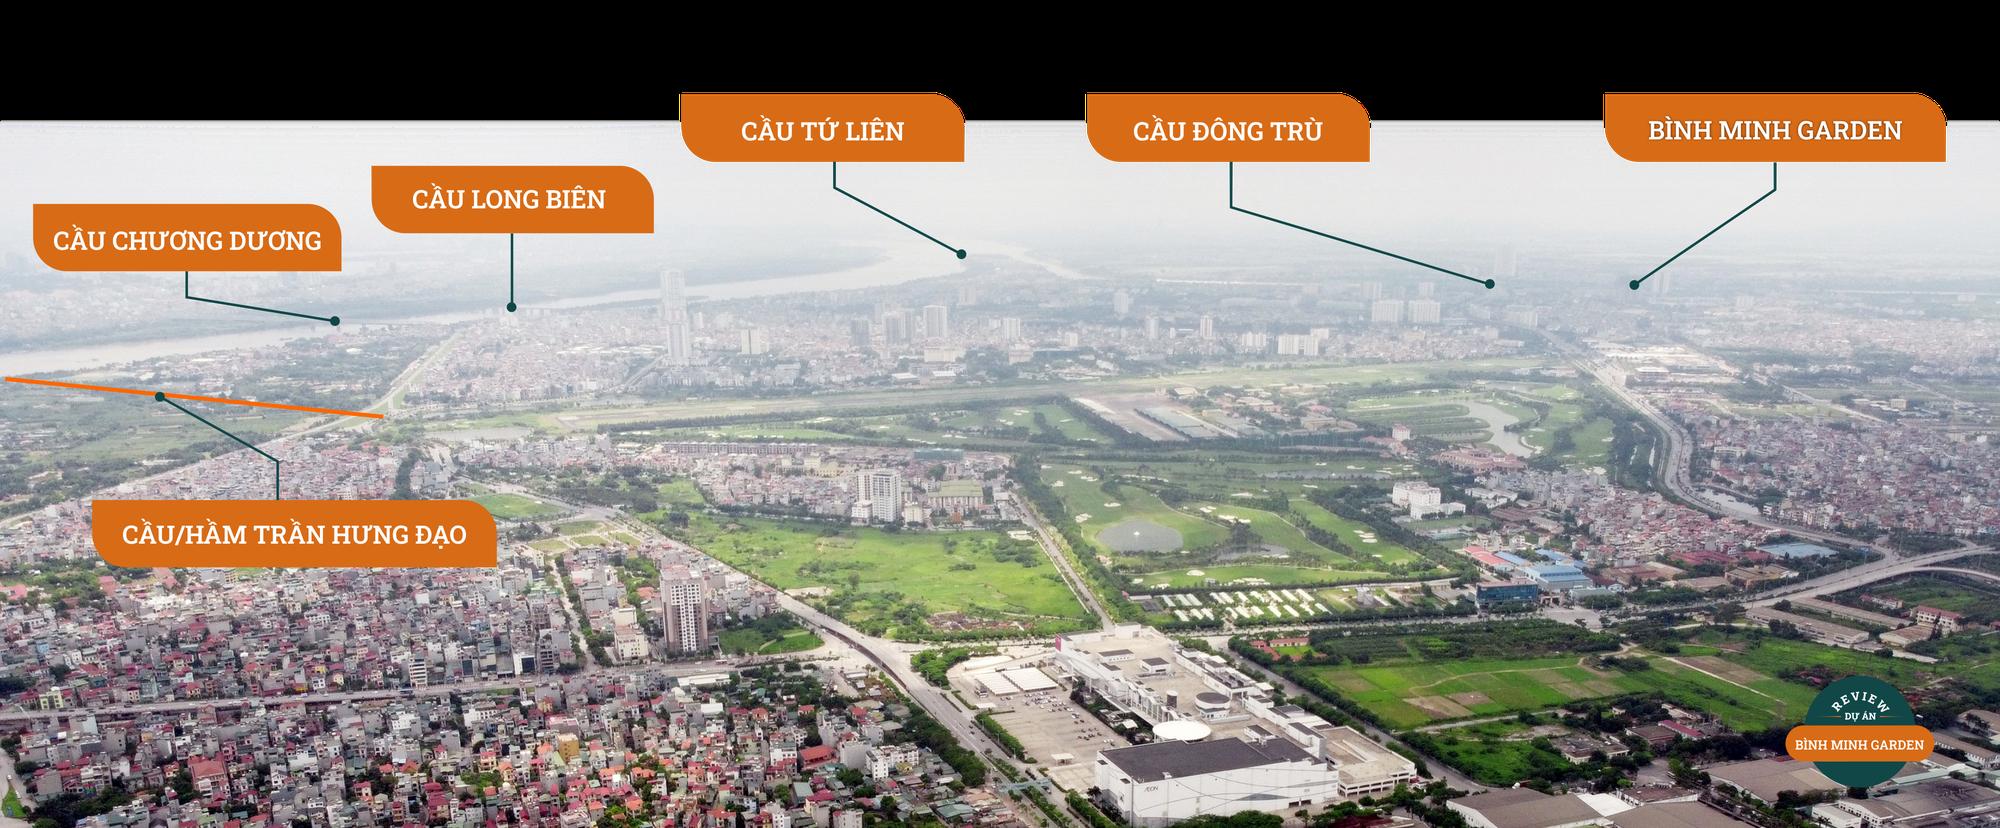 Review dự án Bình Minh Garden: Tổ hợp chung cư, shophouse hơn nghìn tỷ gần cầu Đông Trù của Shark Hưng - Ảnh 16.